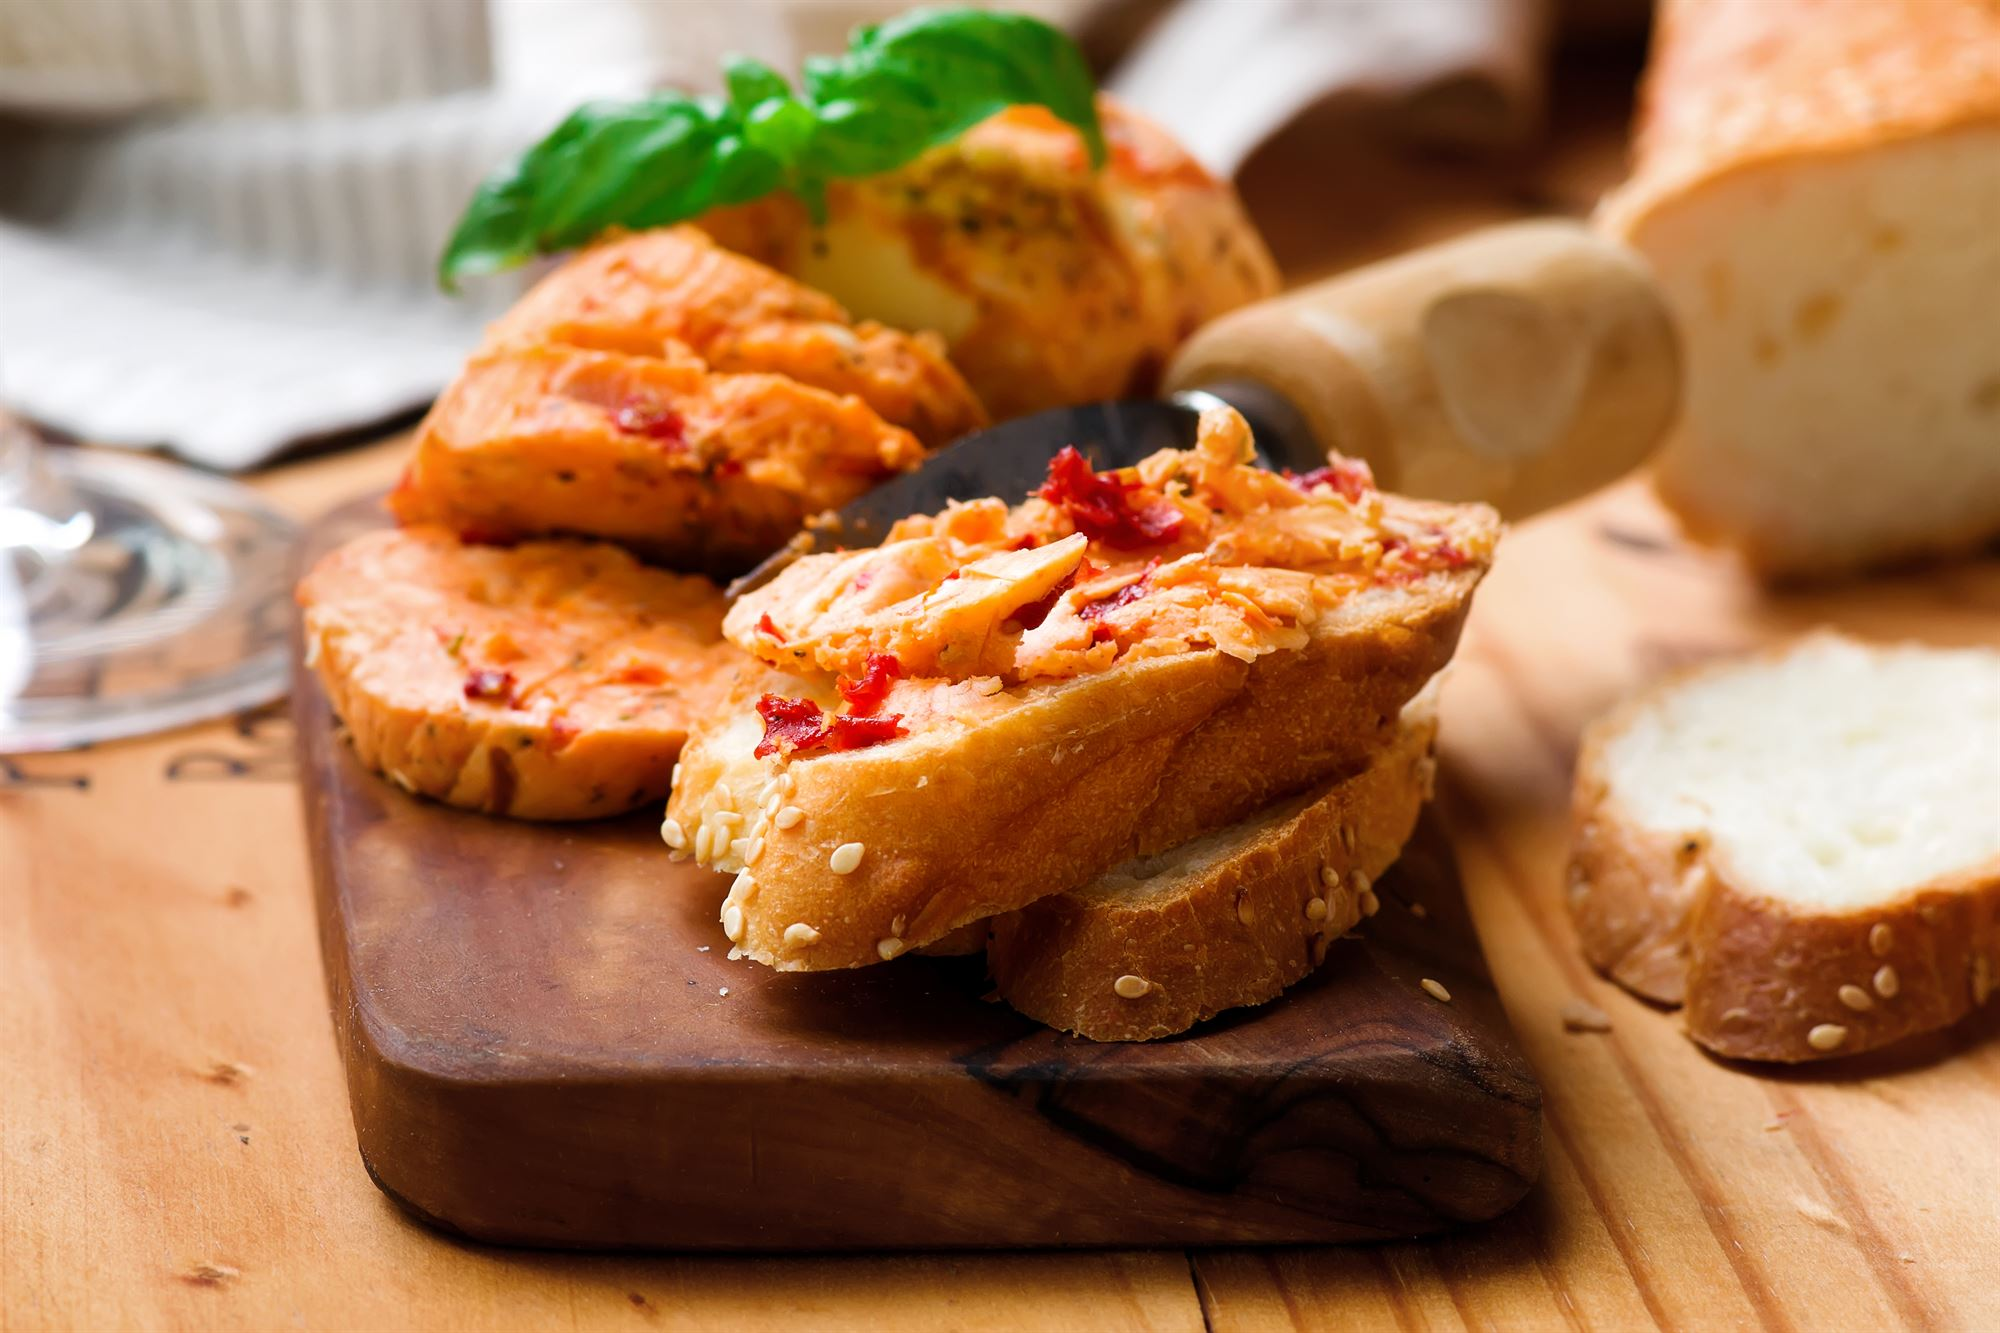 Ristet brød med katalansk smør